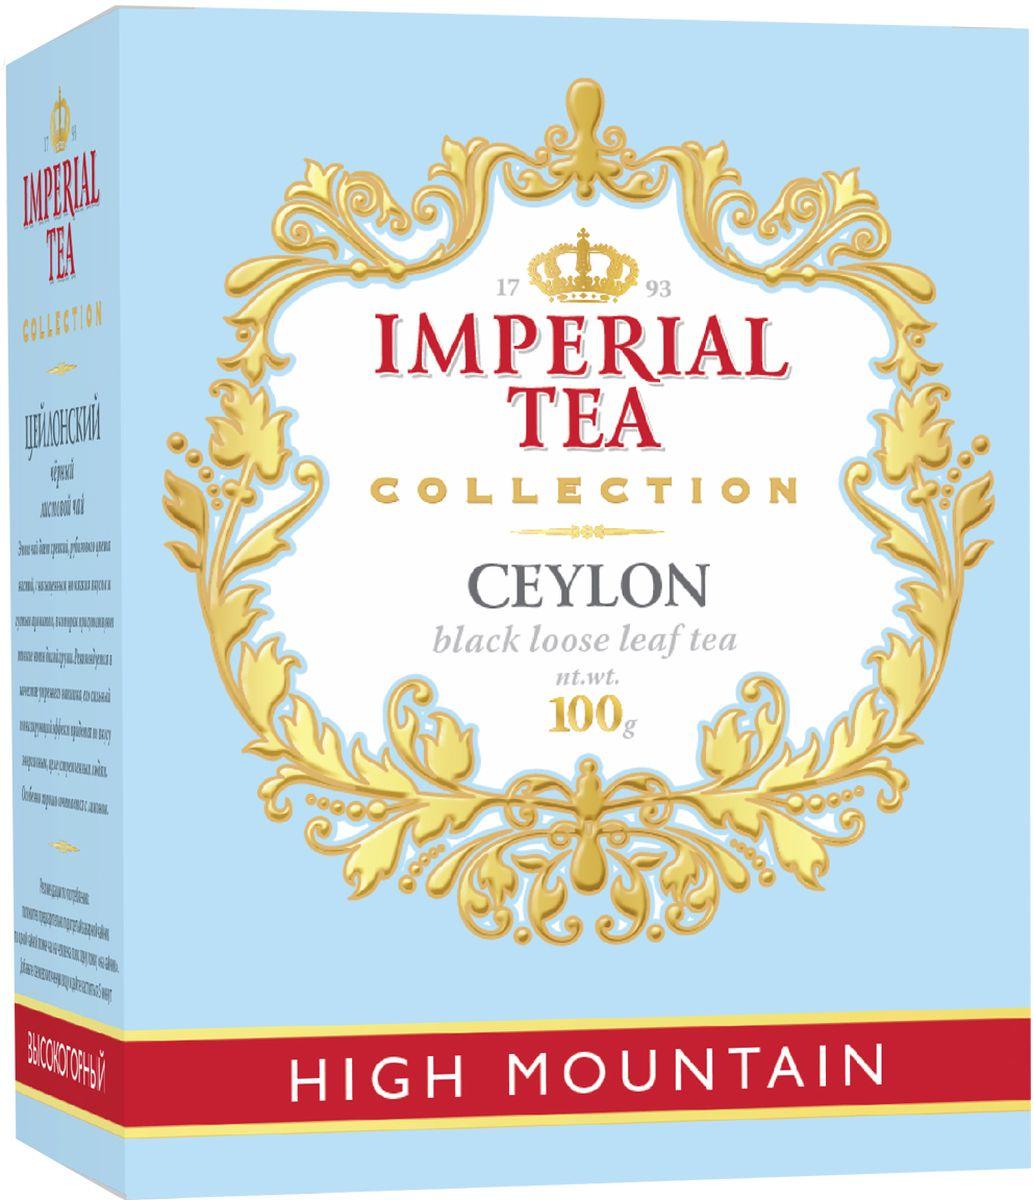 Императорский чай Collection Цейлон, 100 г императорский чай collection фруктовый 100 г